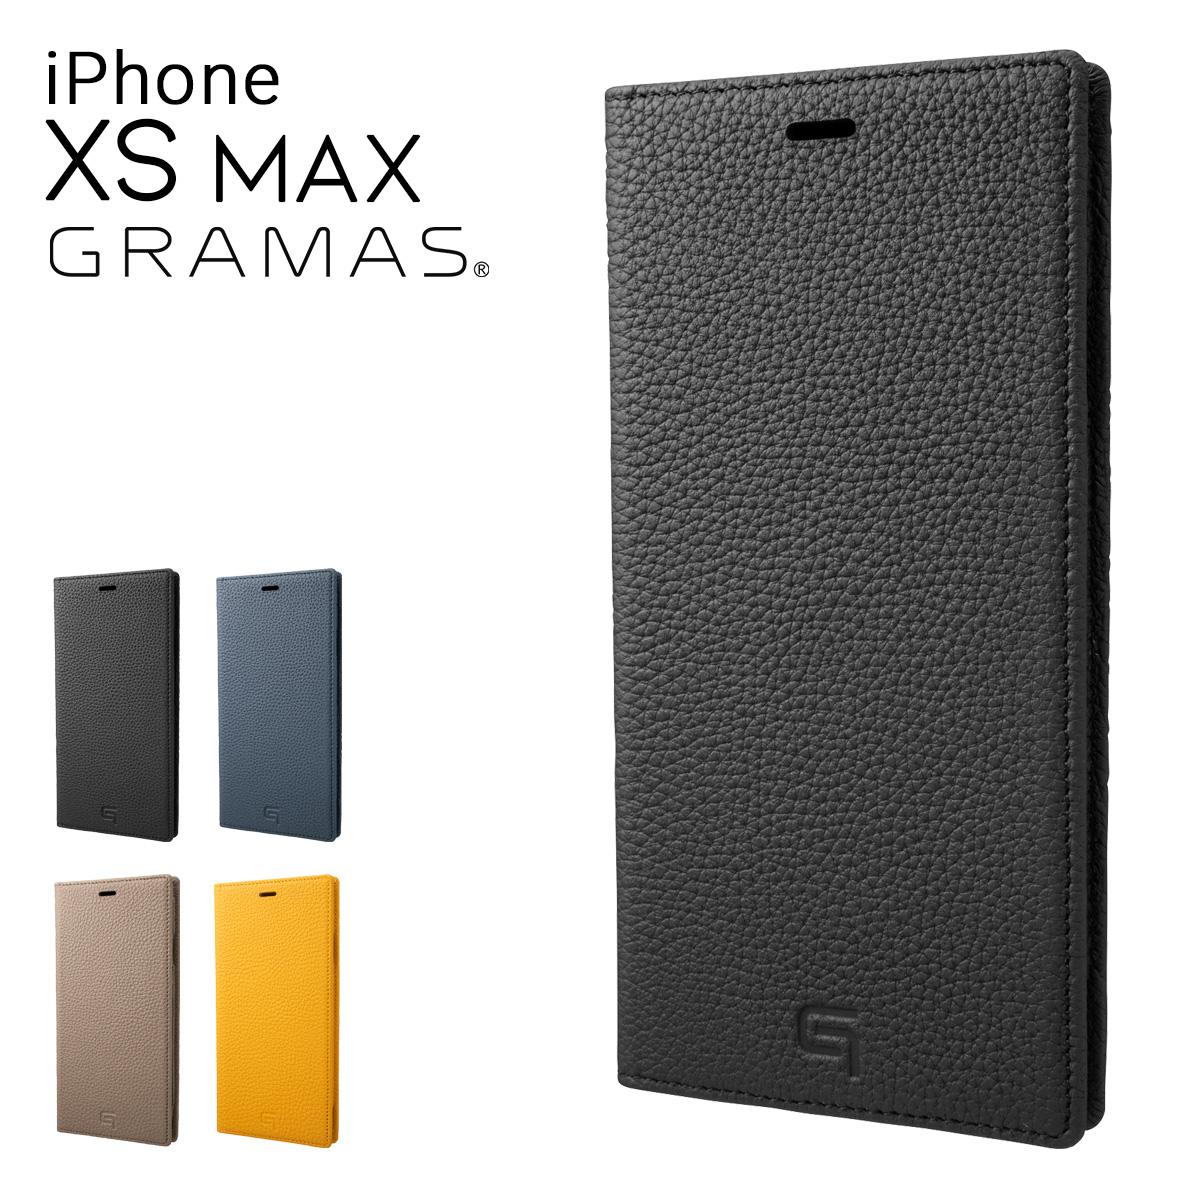 グラマス iPhoneXS Max ケース メンズ レディース GLC-72448 GRAMAS | スマートフォンケース 手帳型 本革[即日発送][bef]